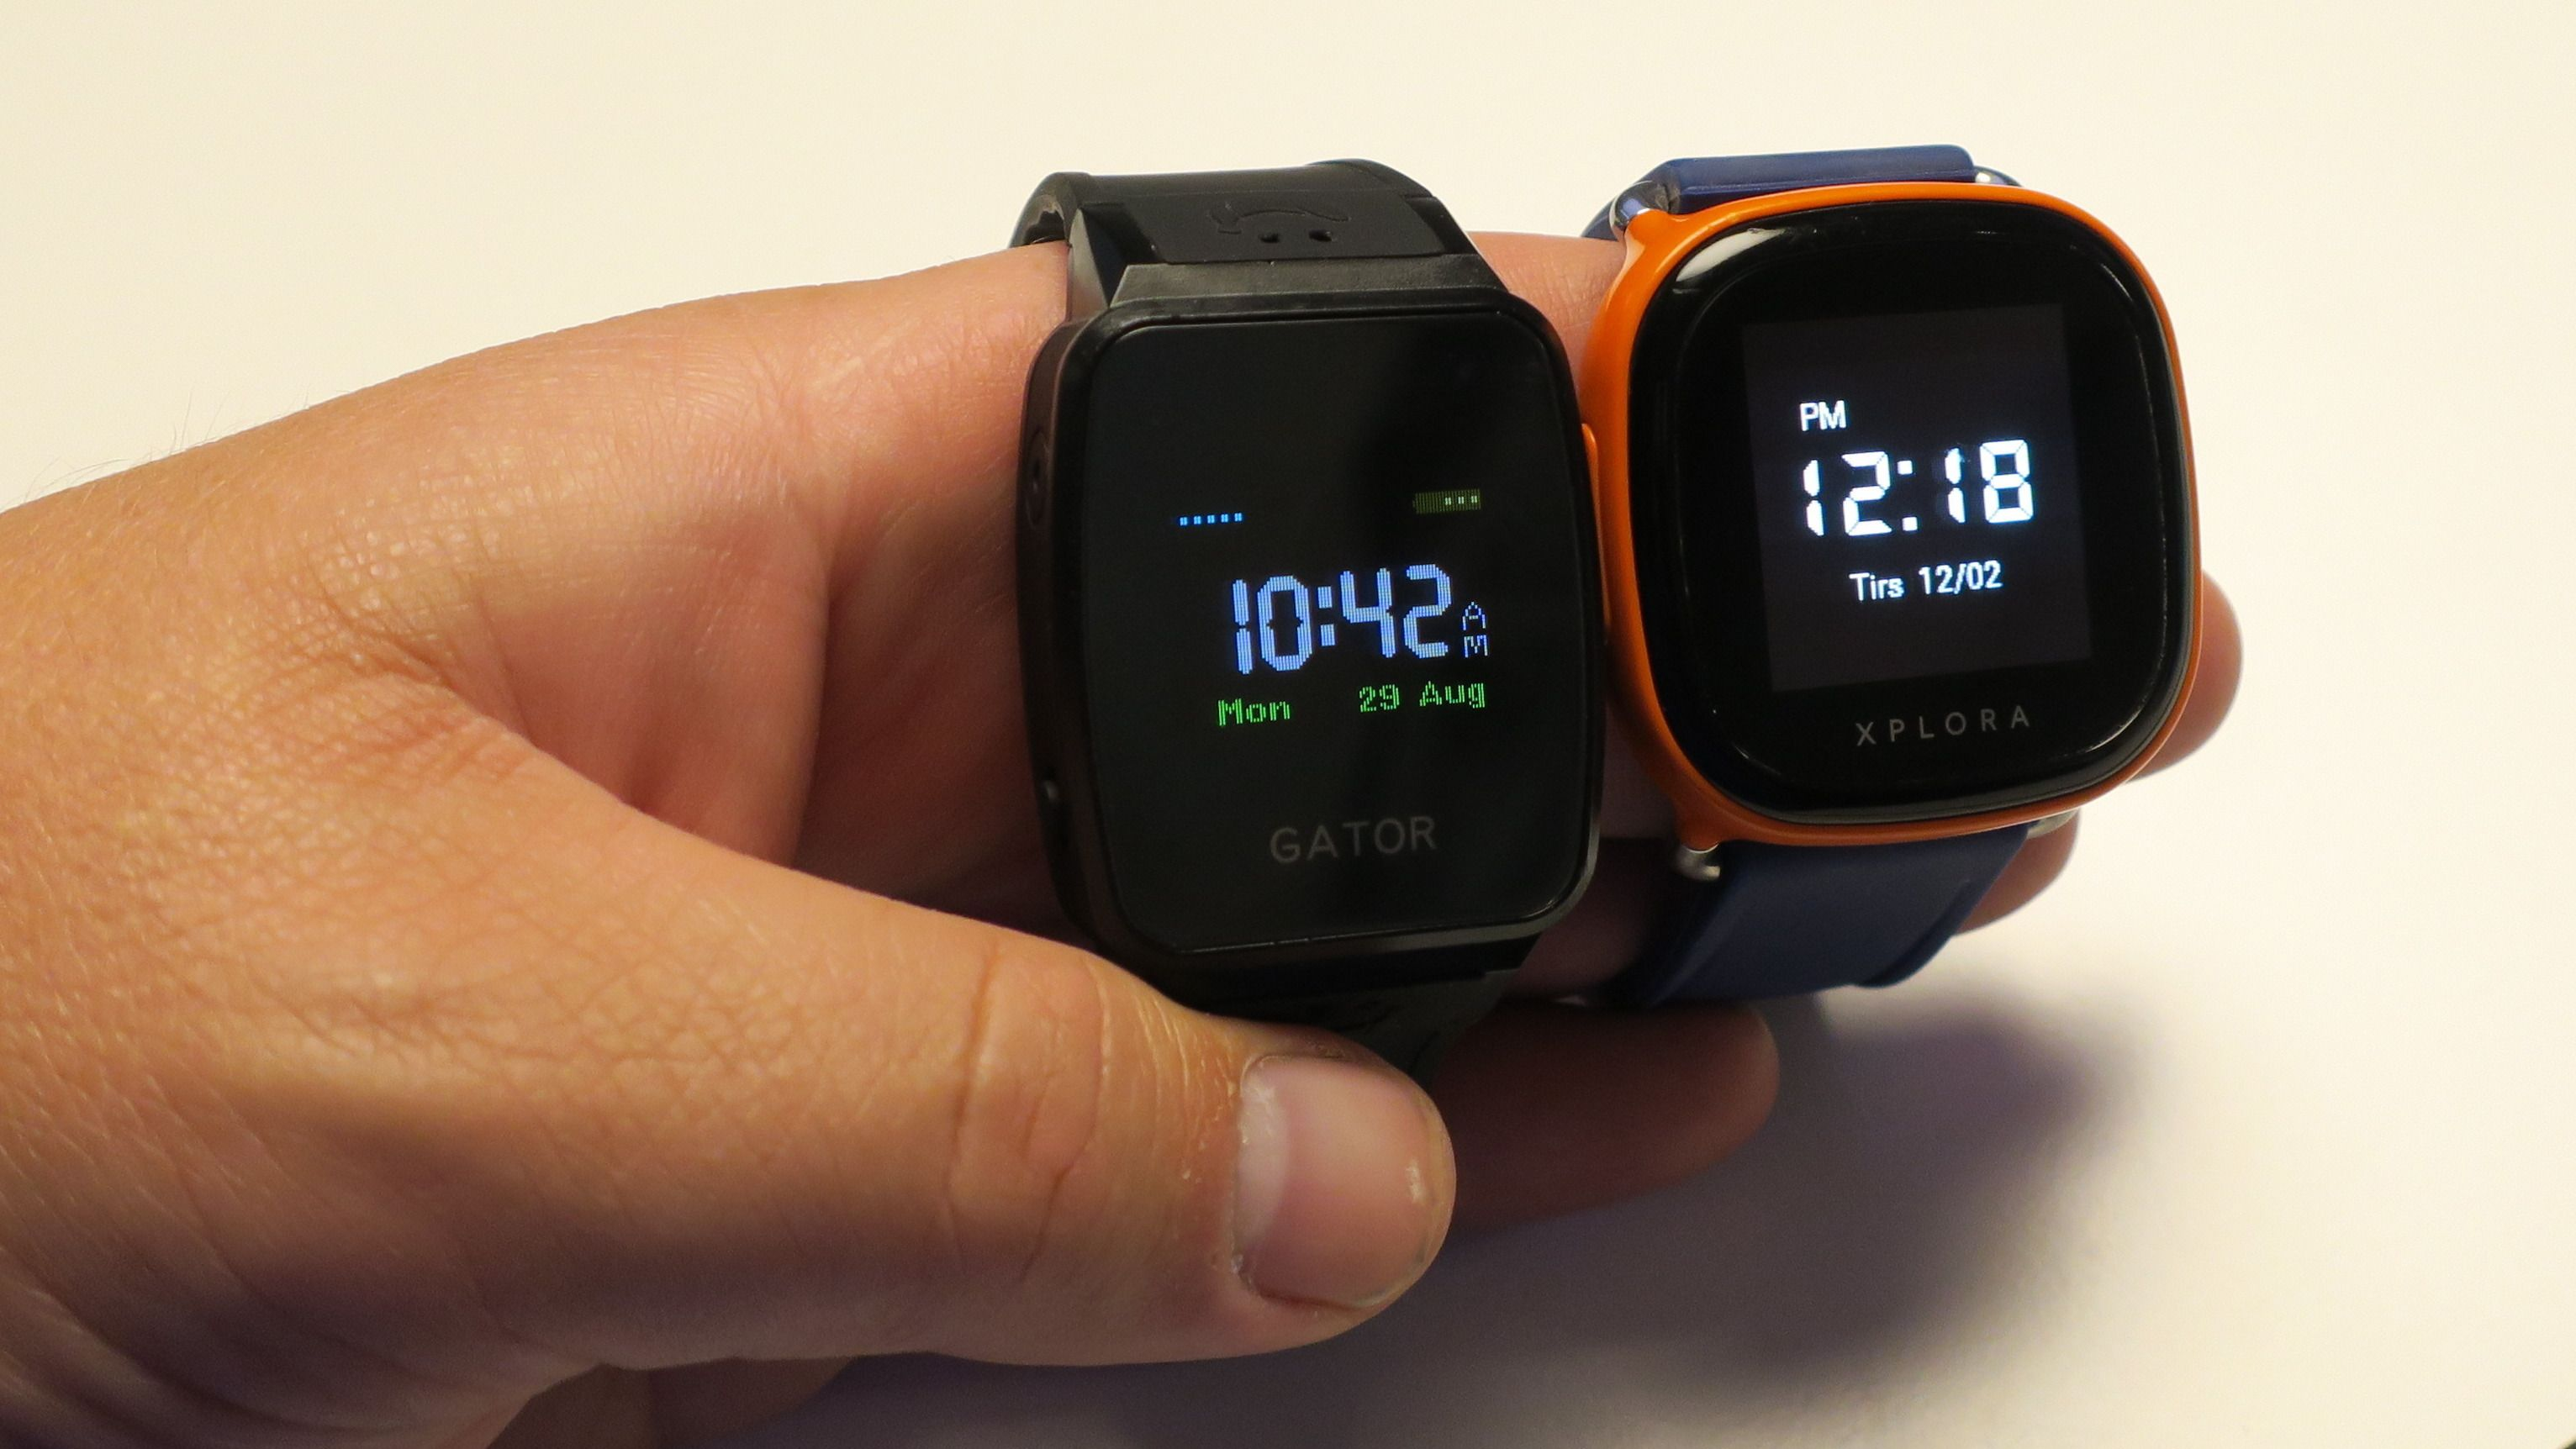 Begge klokkene er like dårlige i sollys, selv om Xplora-skjermen er den mest lyssterke av de to.